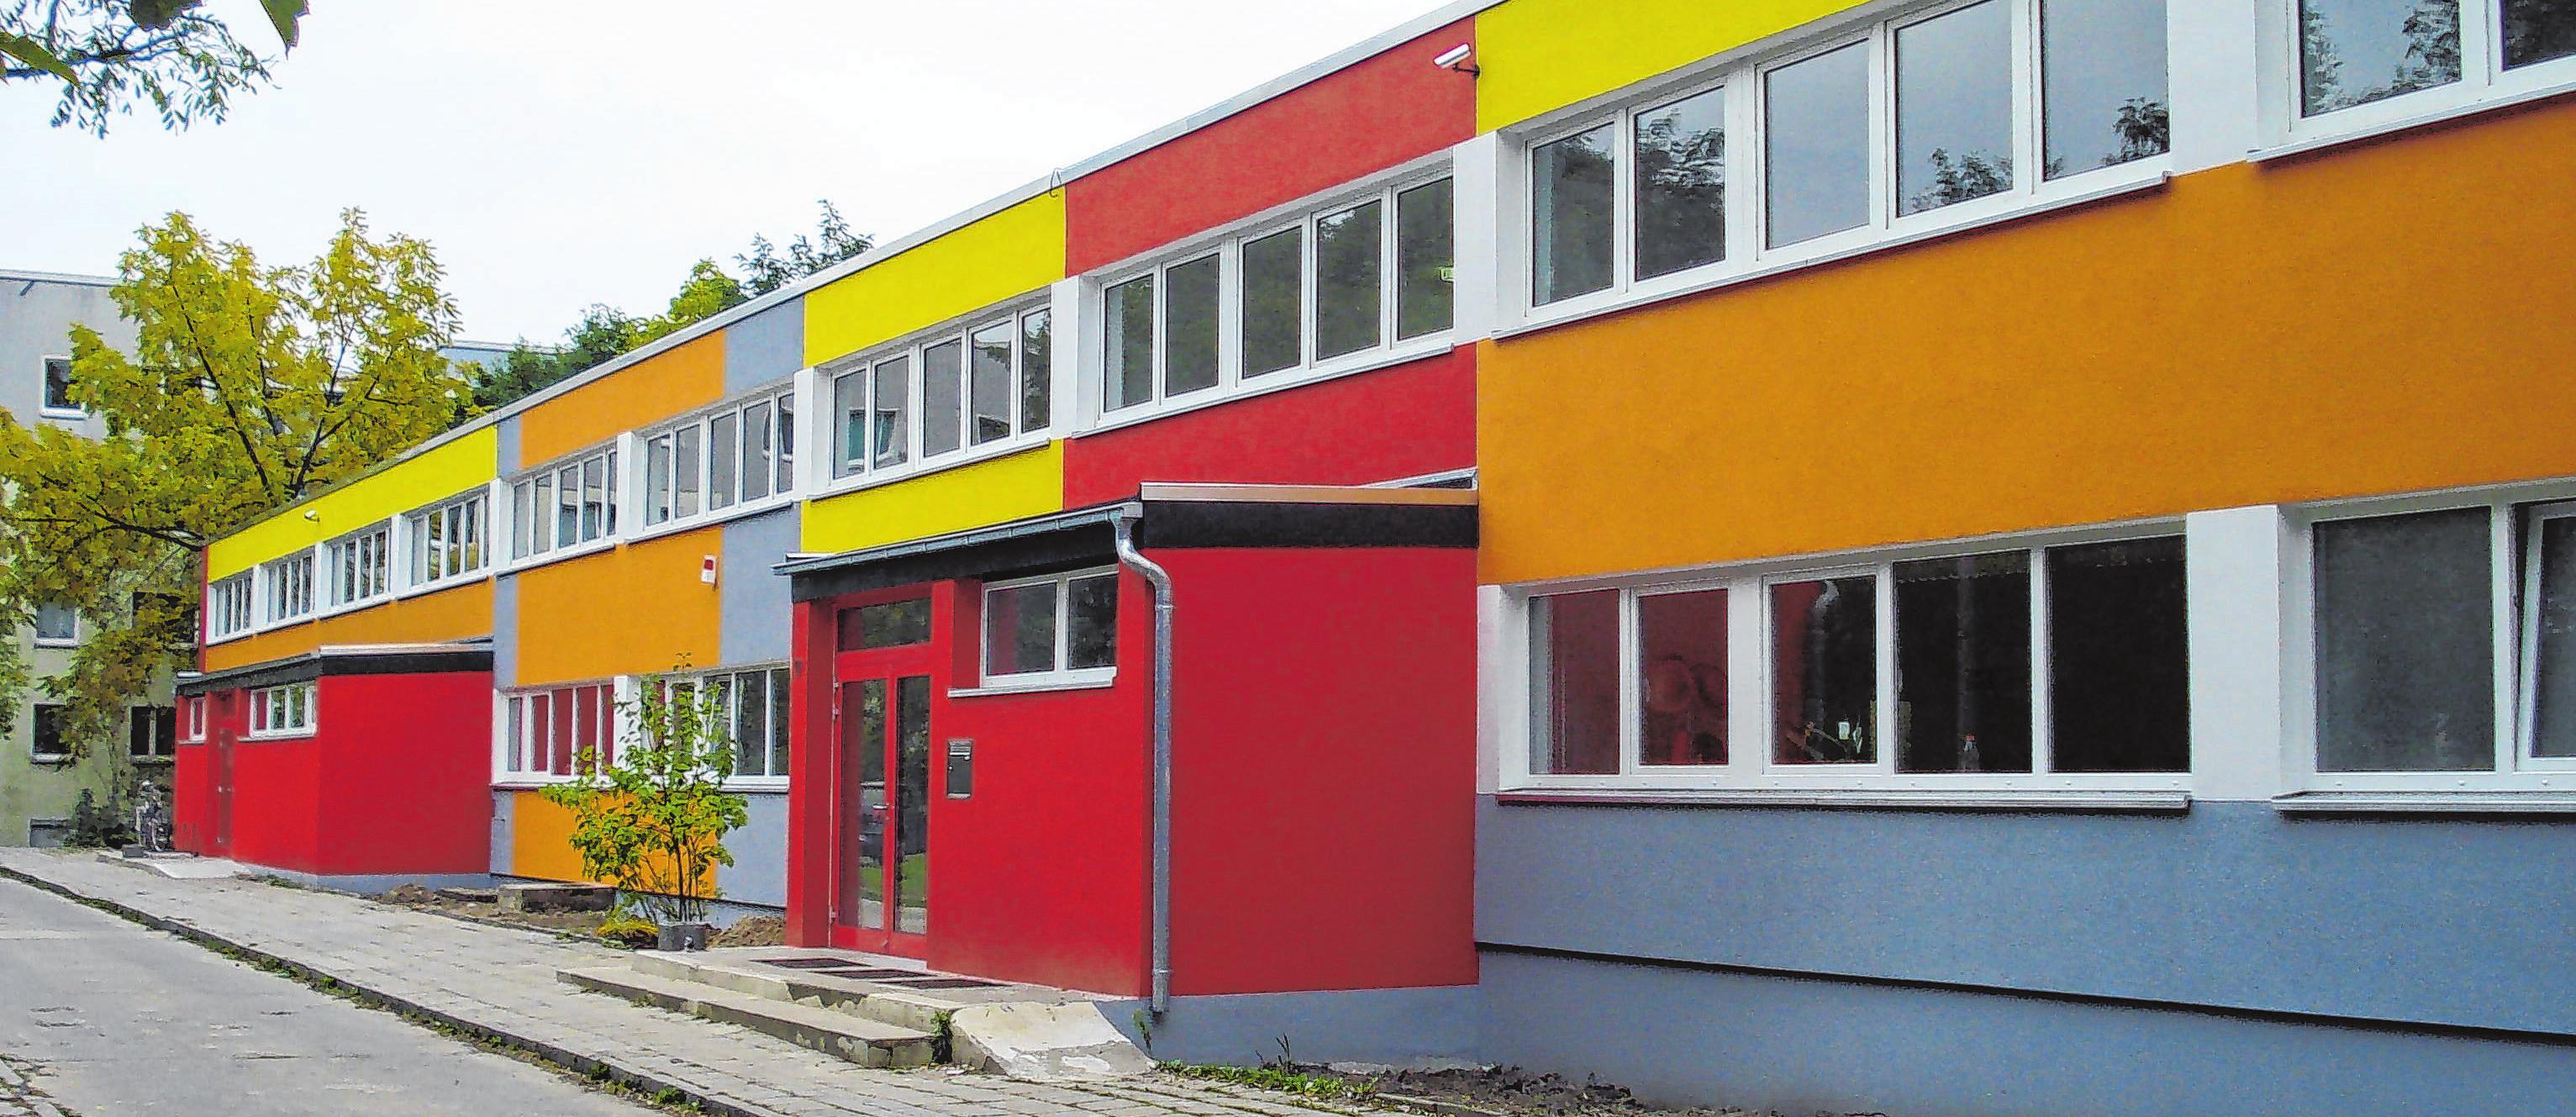 Bauleistungen für öffentliche und gewerbliche Auftraggeber, besonders Fassadenarbeiten und Sanierungen, machen das Hauptgeschäft des Bauservicecenters aus.